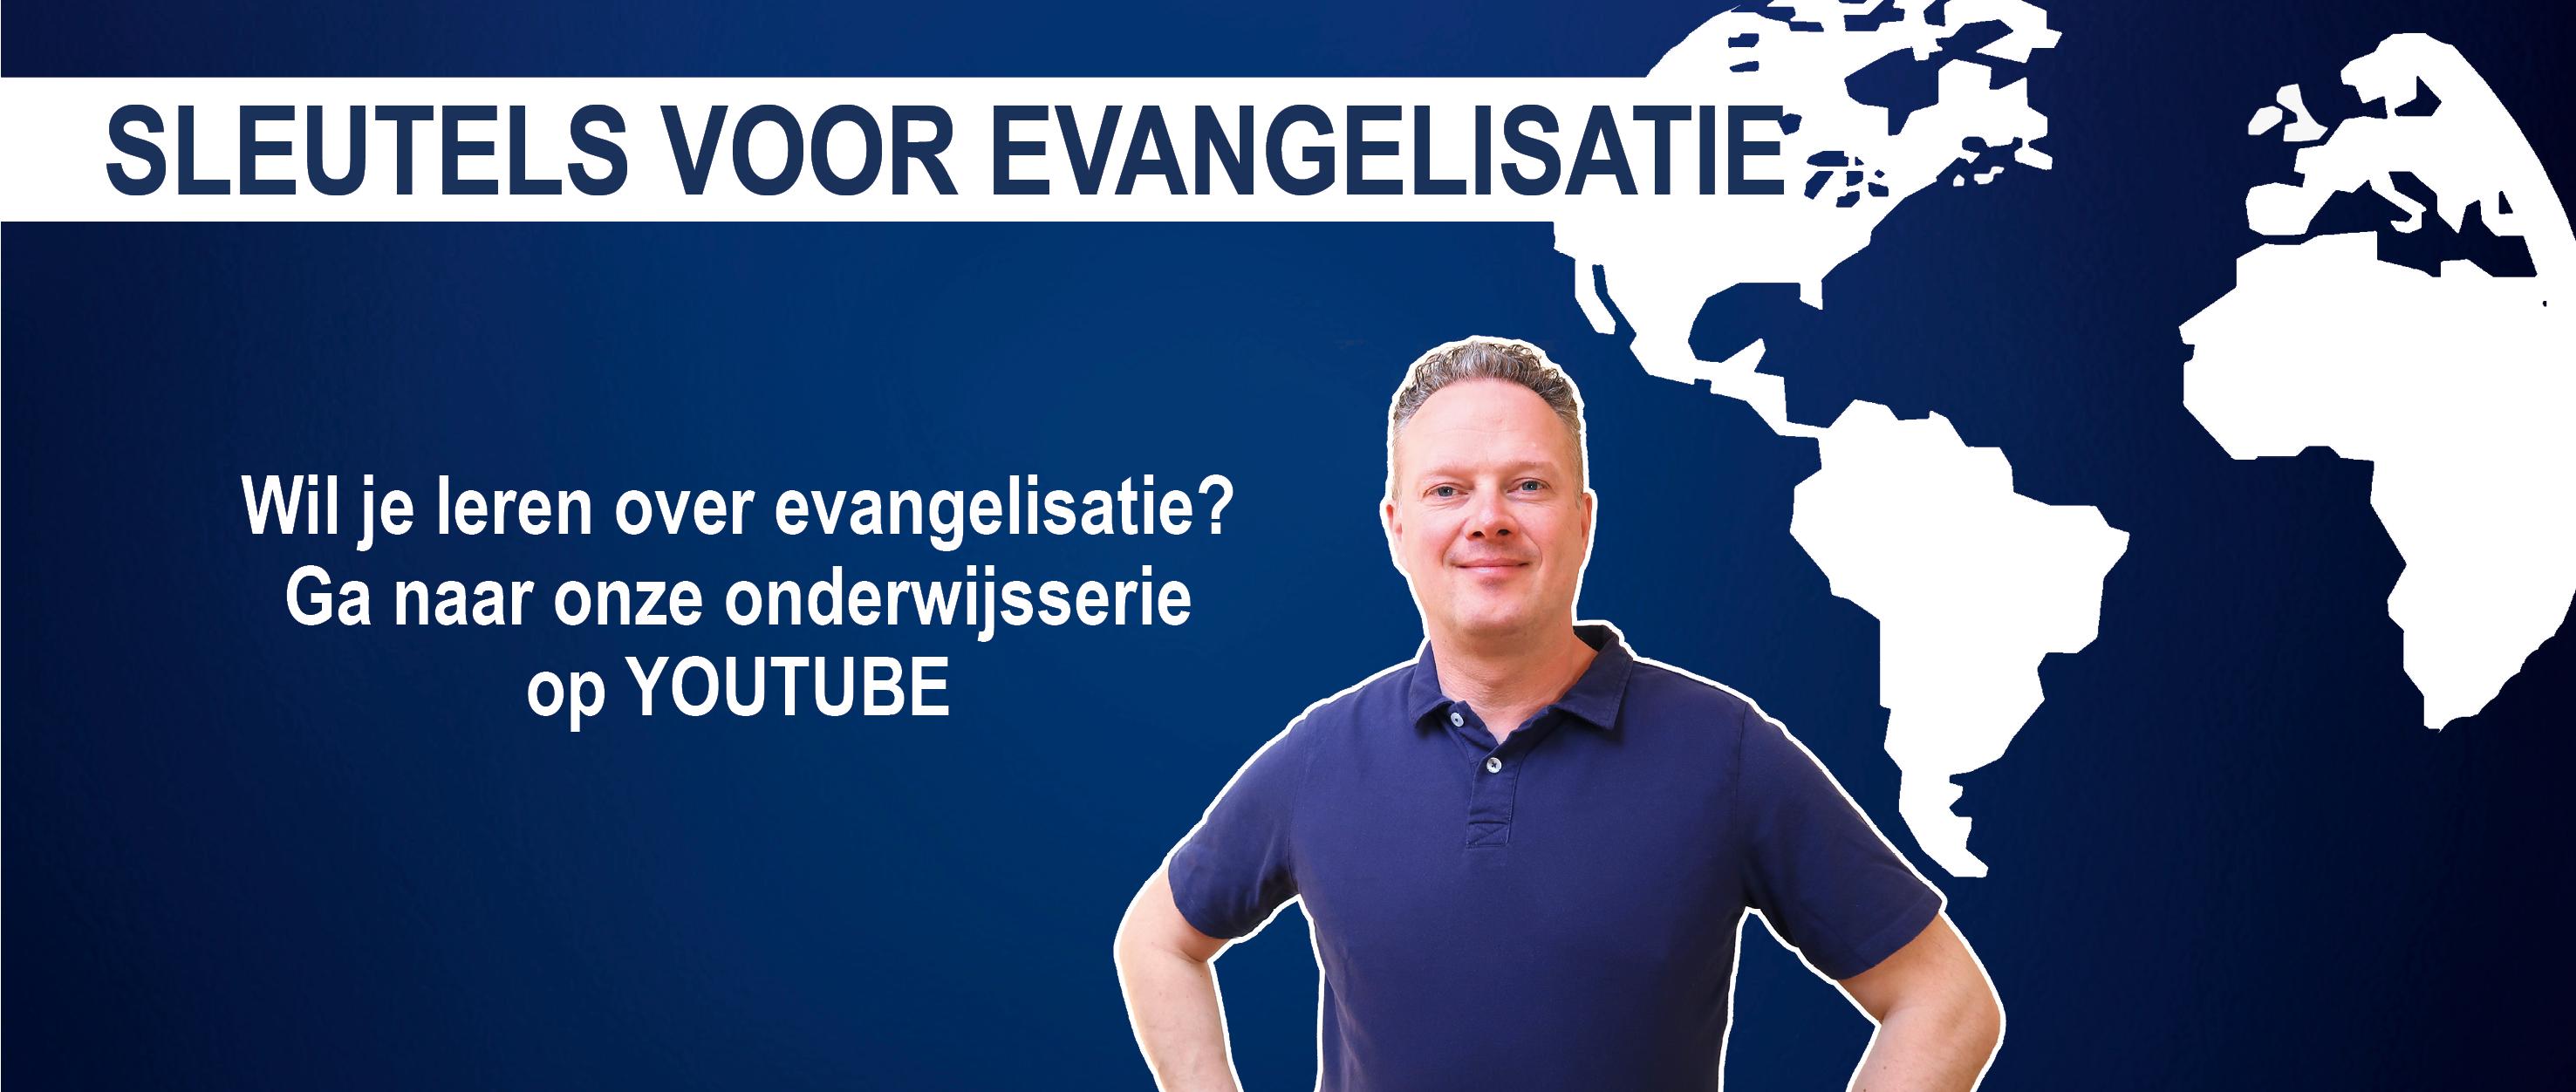 SVE-banner-website-V2